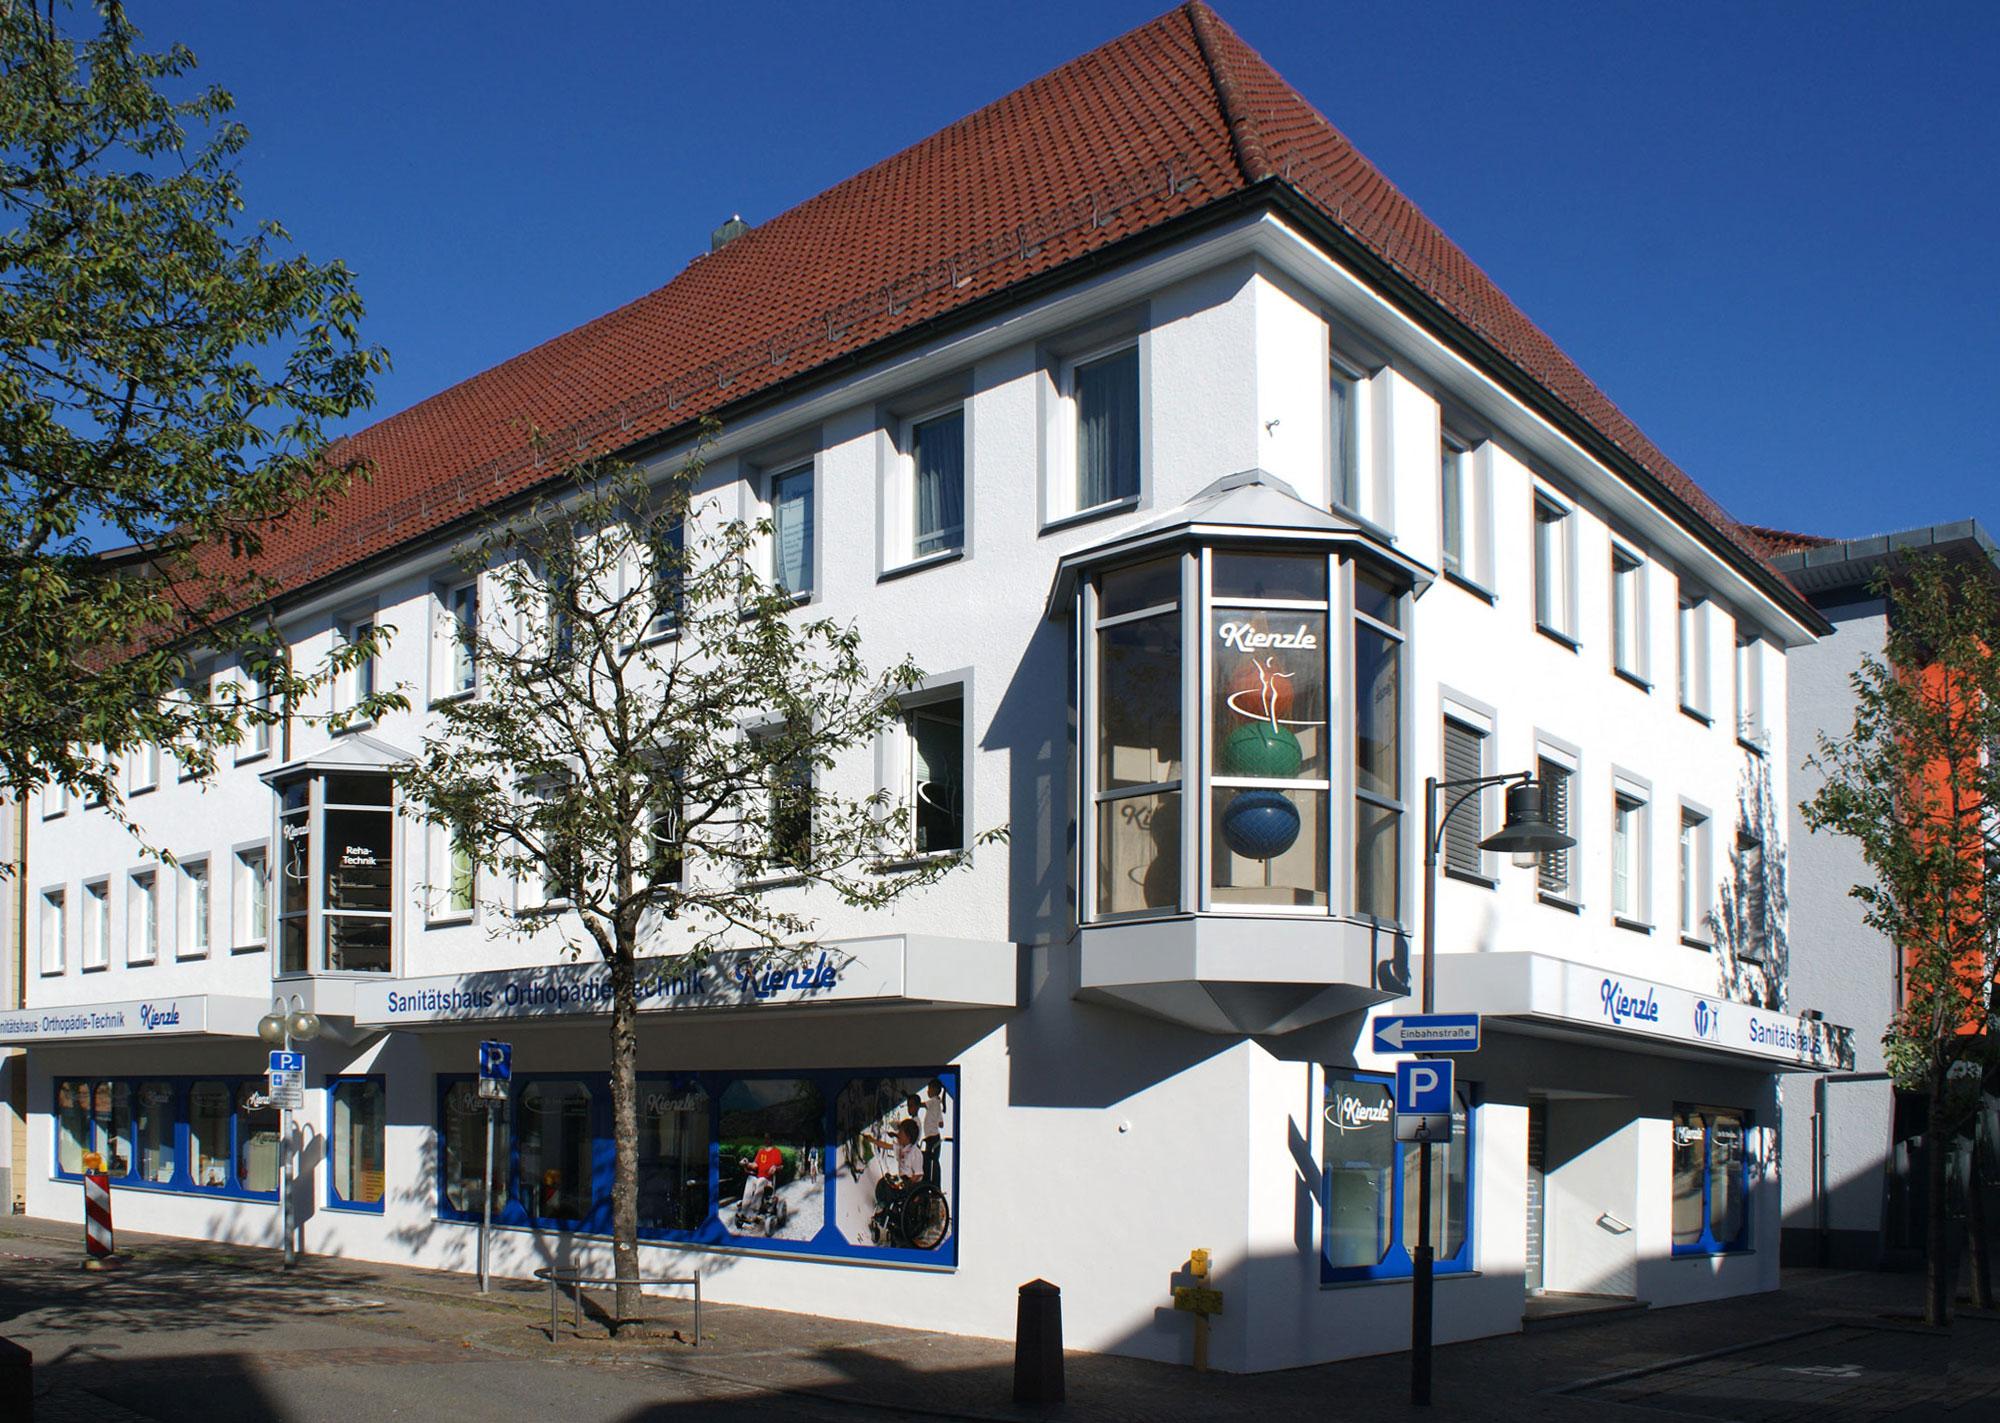 Orthopädietechnik Kienzle GmbH